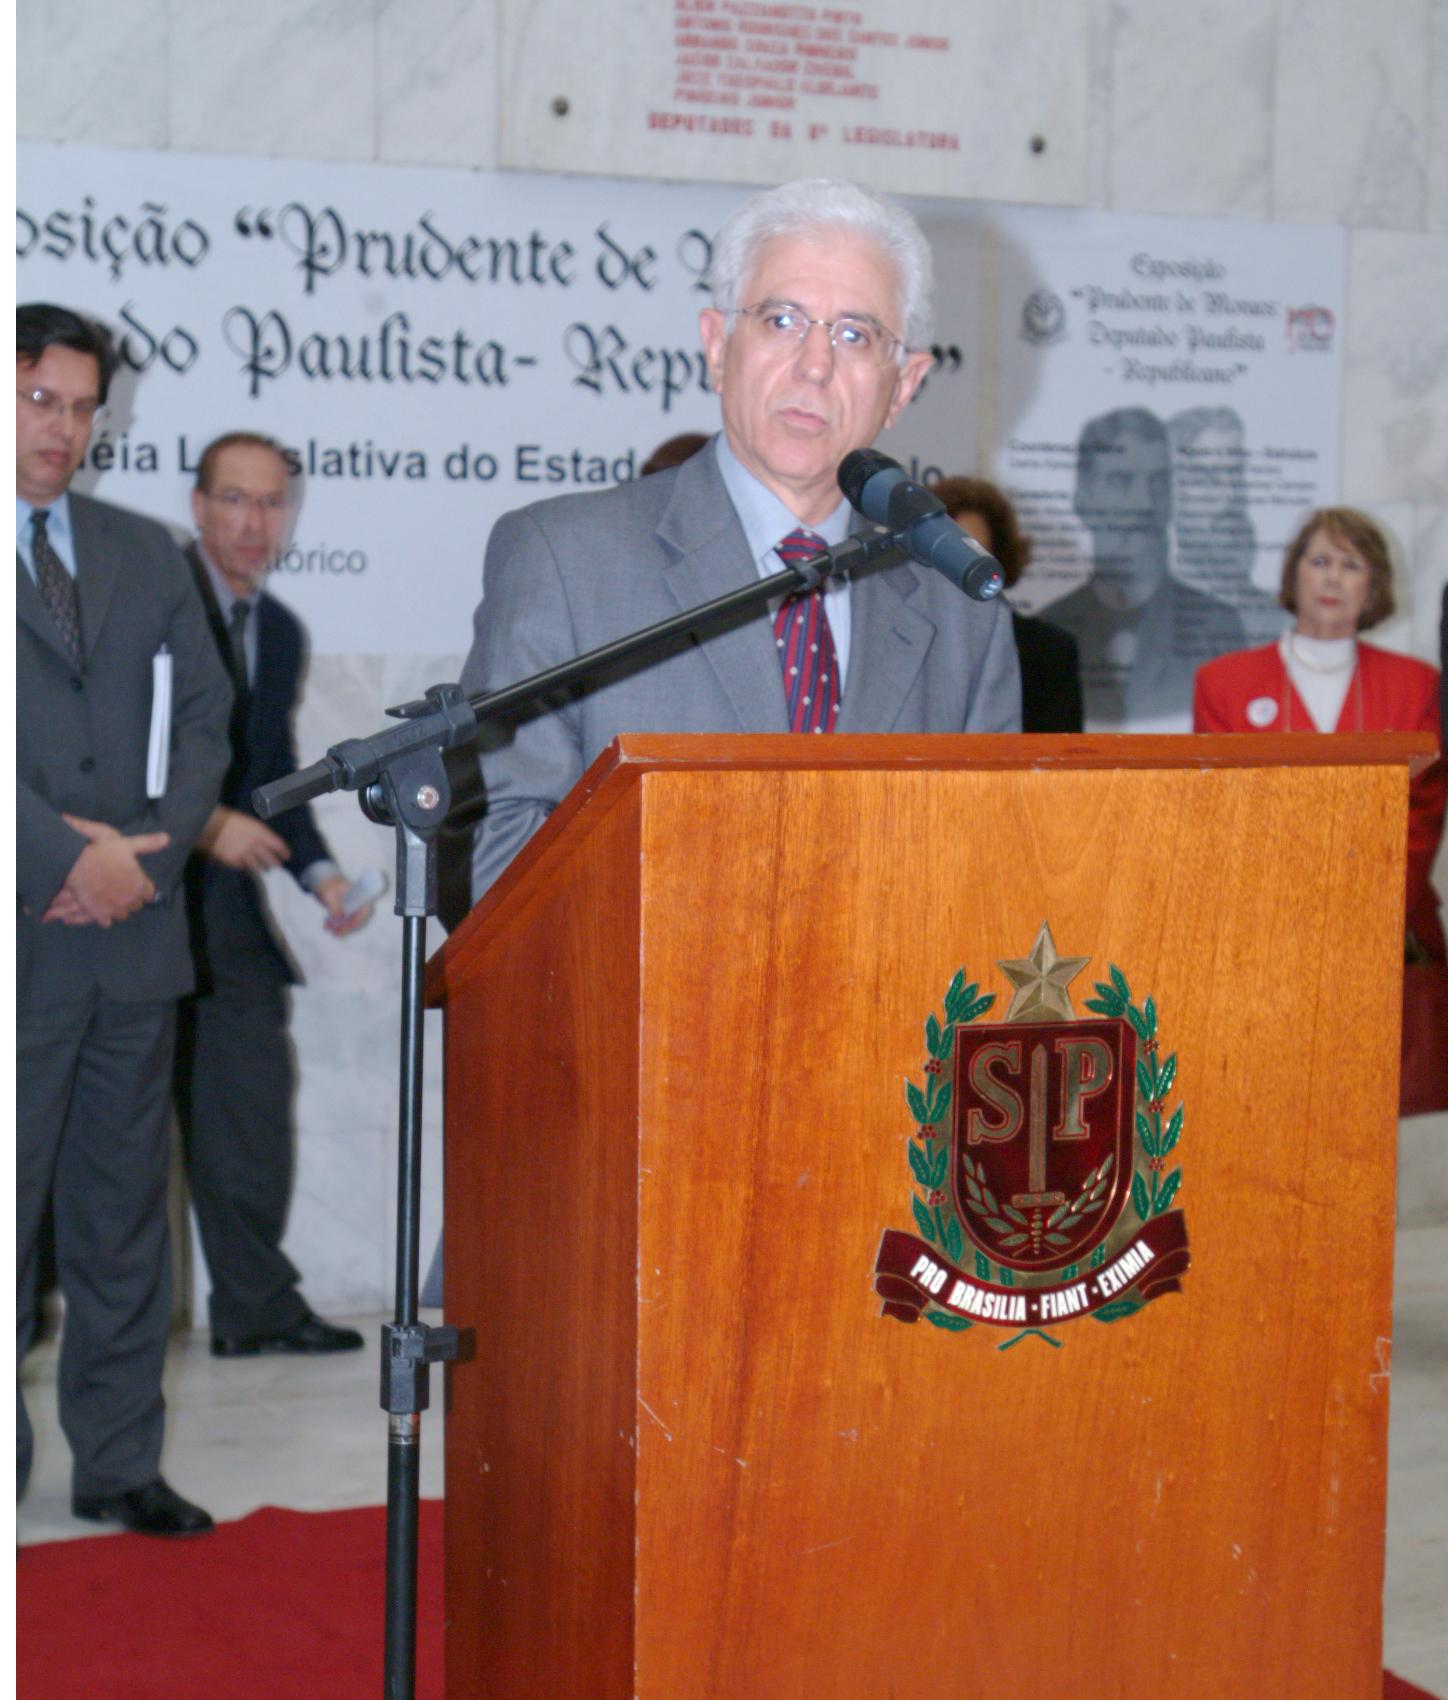 Deputado Sidney Beraldo, presidente da Assembléia paulista, afirmou que o livro é lançado num momento importante para o Legislativo de São Paulo<a style='float:right' href='https://www3.al.sp.gov.br/repositorio/noticia/hist/expopre.jpg' target=_blank><img src='/_img/material-file-download-white.png' width='14px' alt='Clique para baixar a imagem'></a>